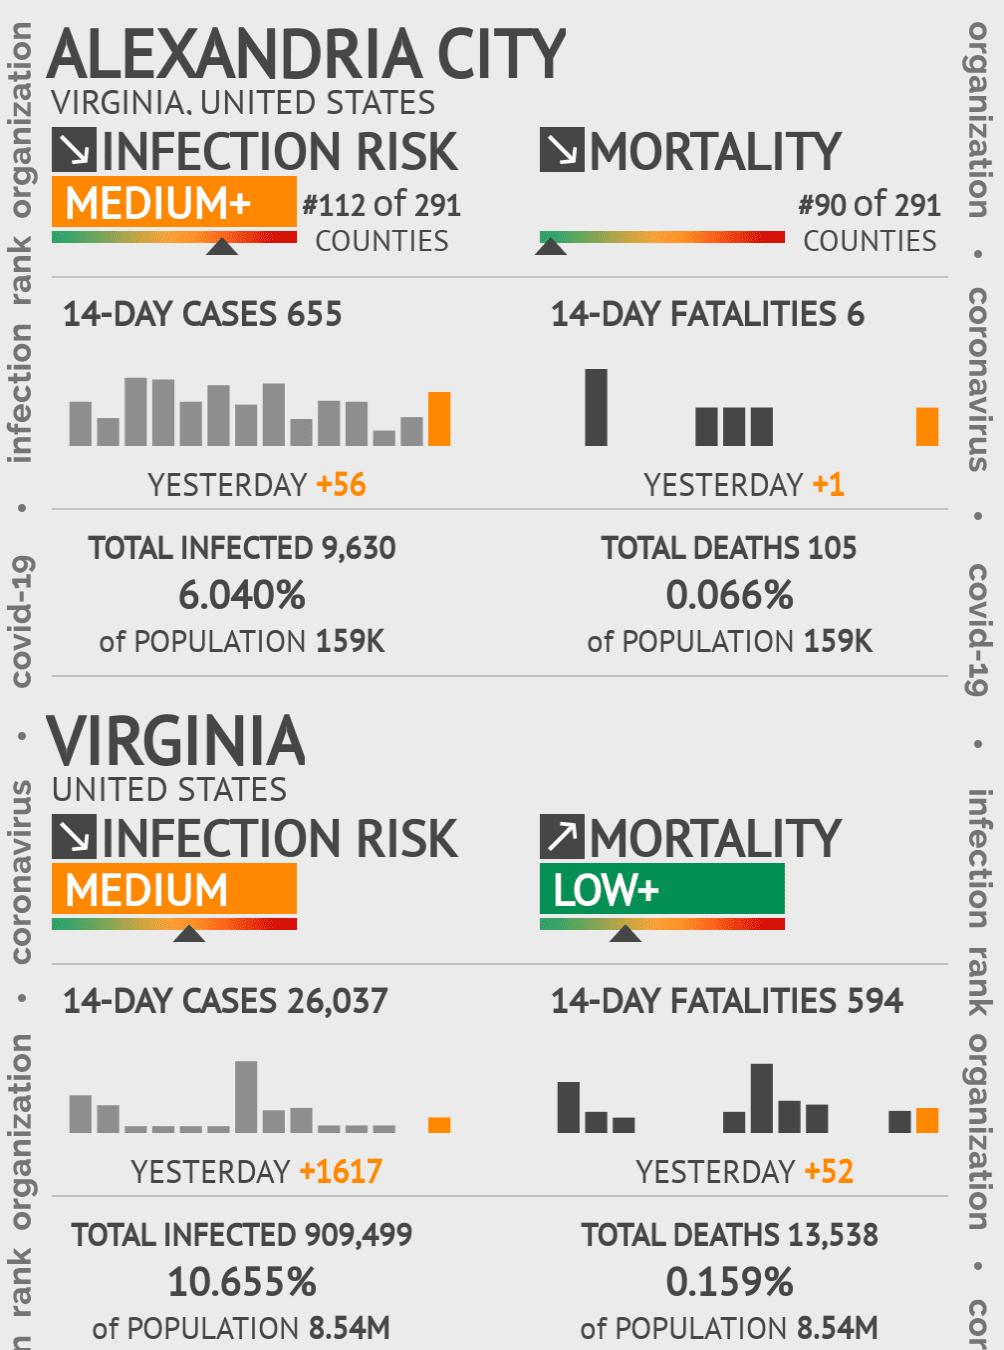 Alexandria City Coronavirus Covid-19 Risk of Infection on February 04, 2021